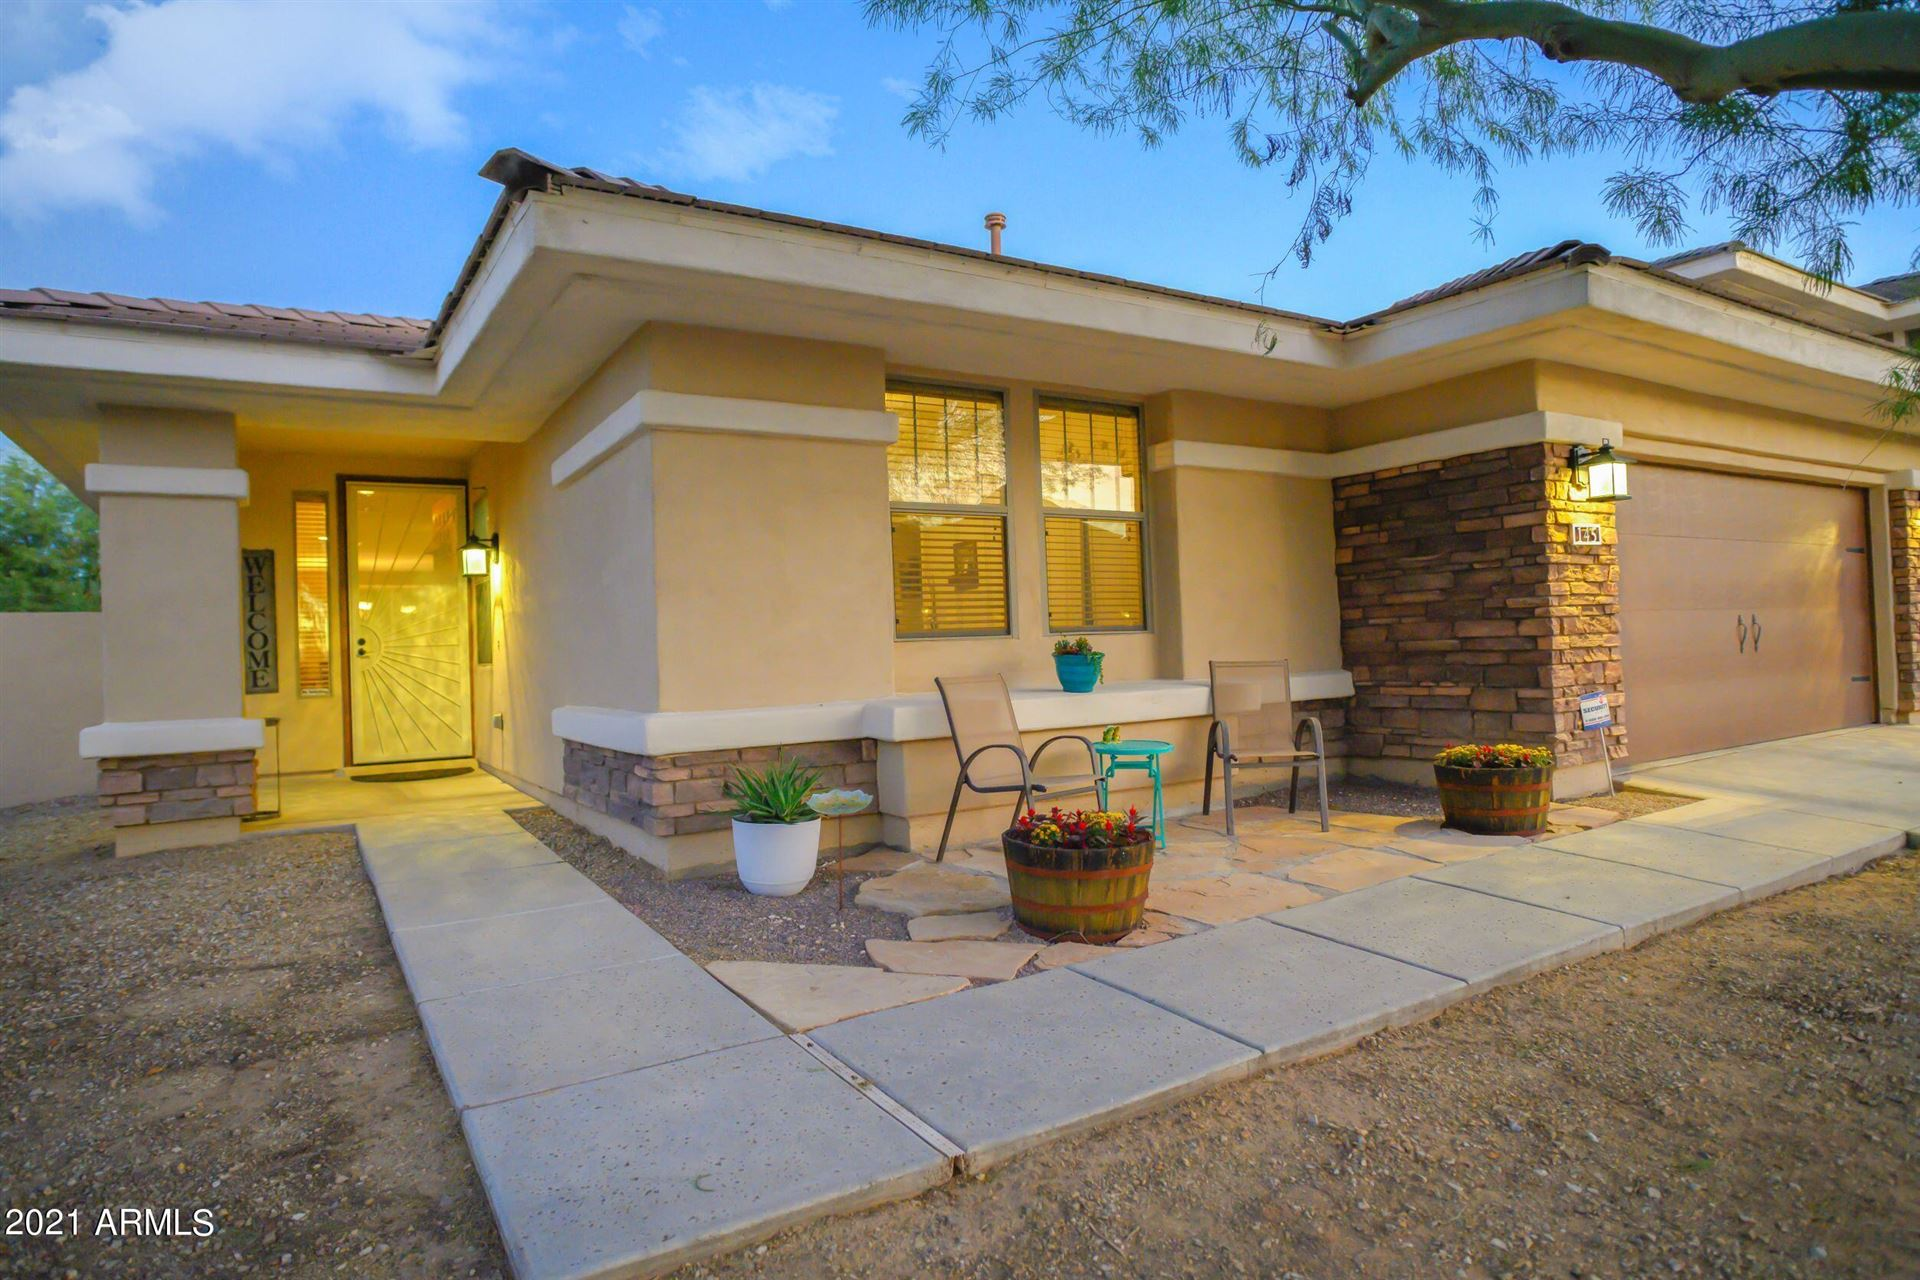 Photo of 145 N 110TH Drive, Avondale, AZ 85323 (MLS # 6305616)